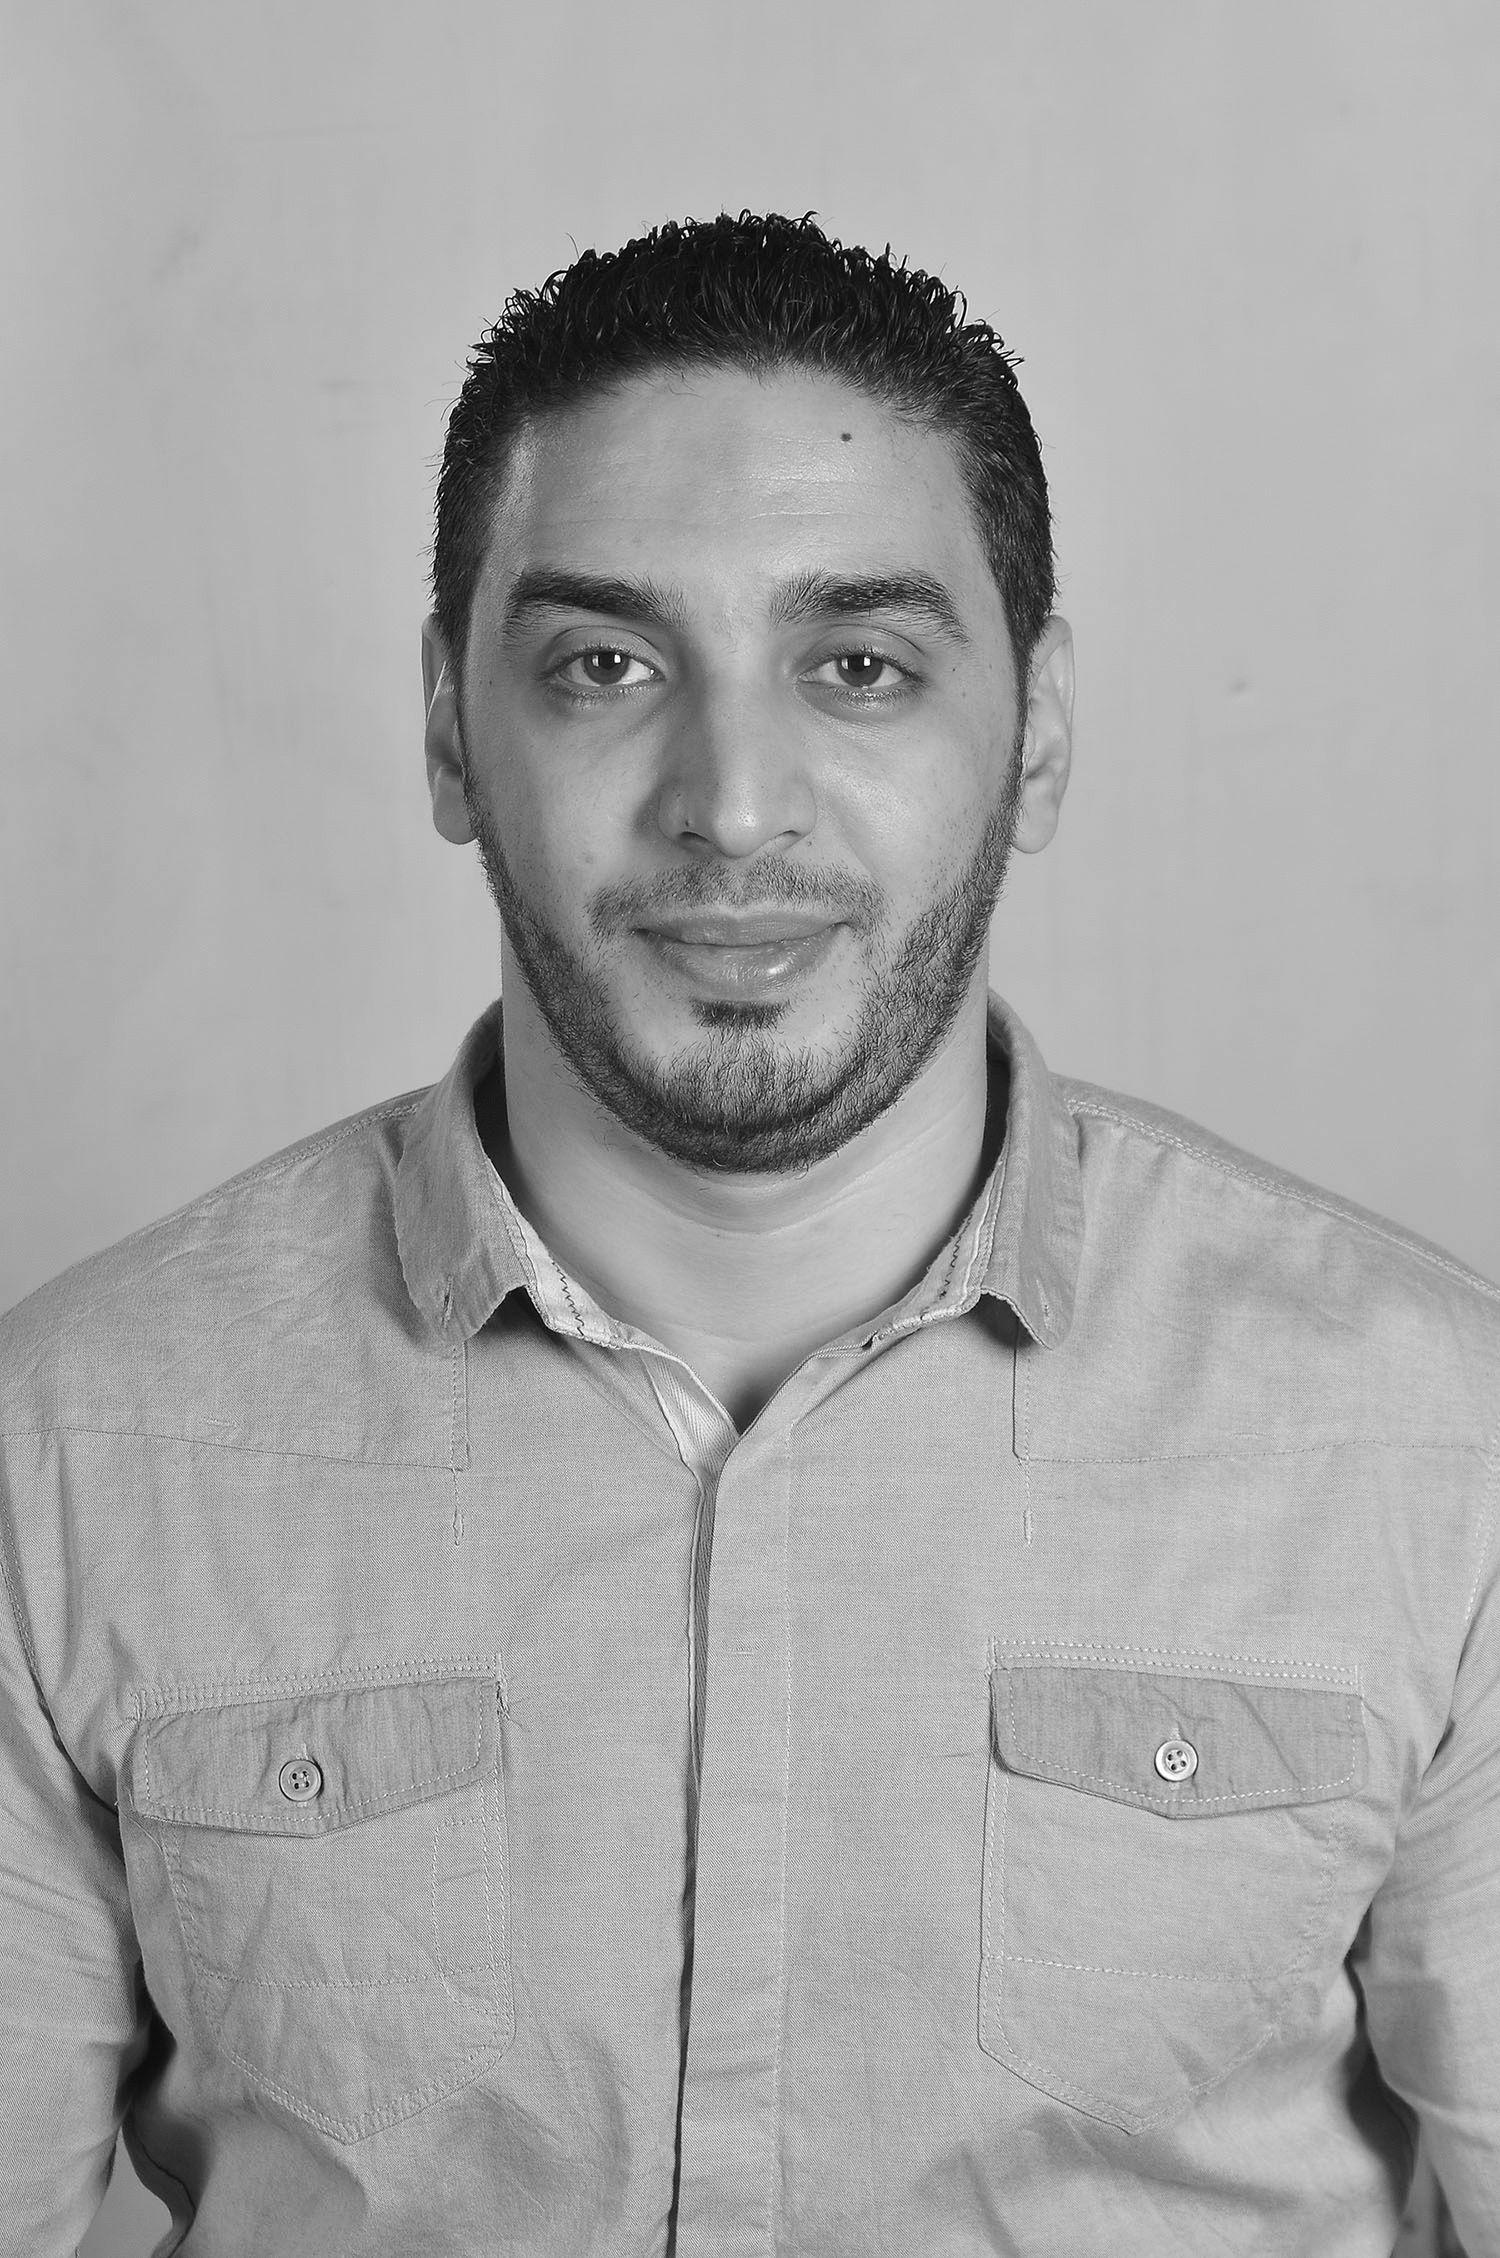 محمد صابر فراج Headshot